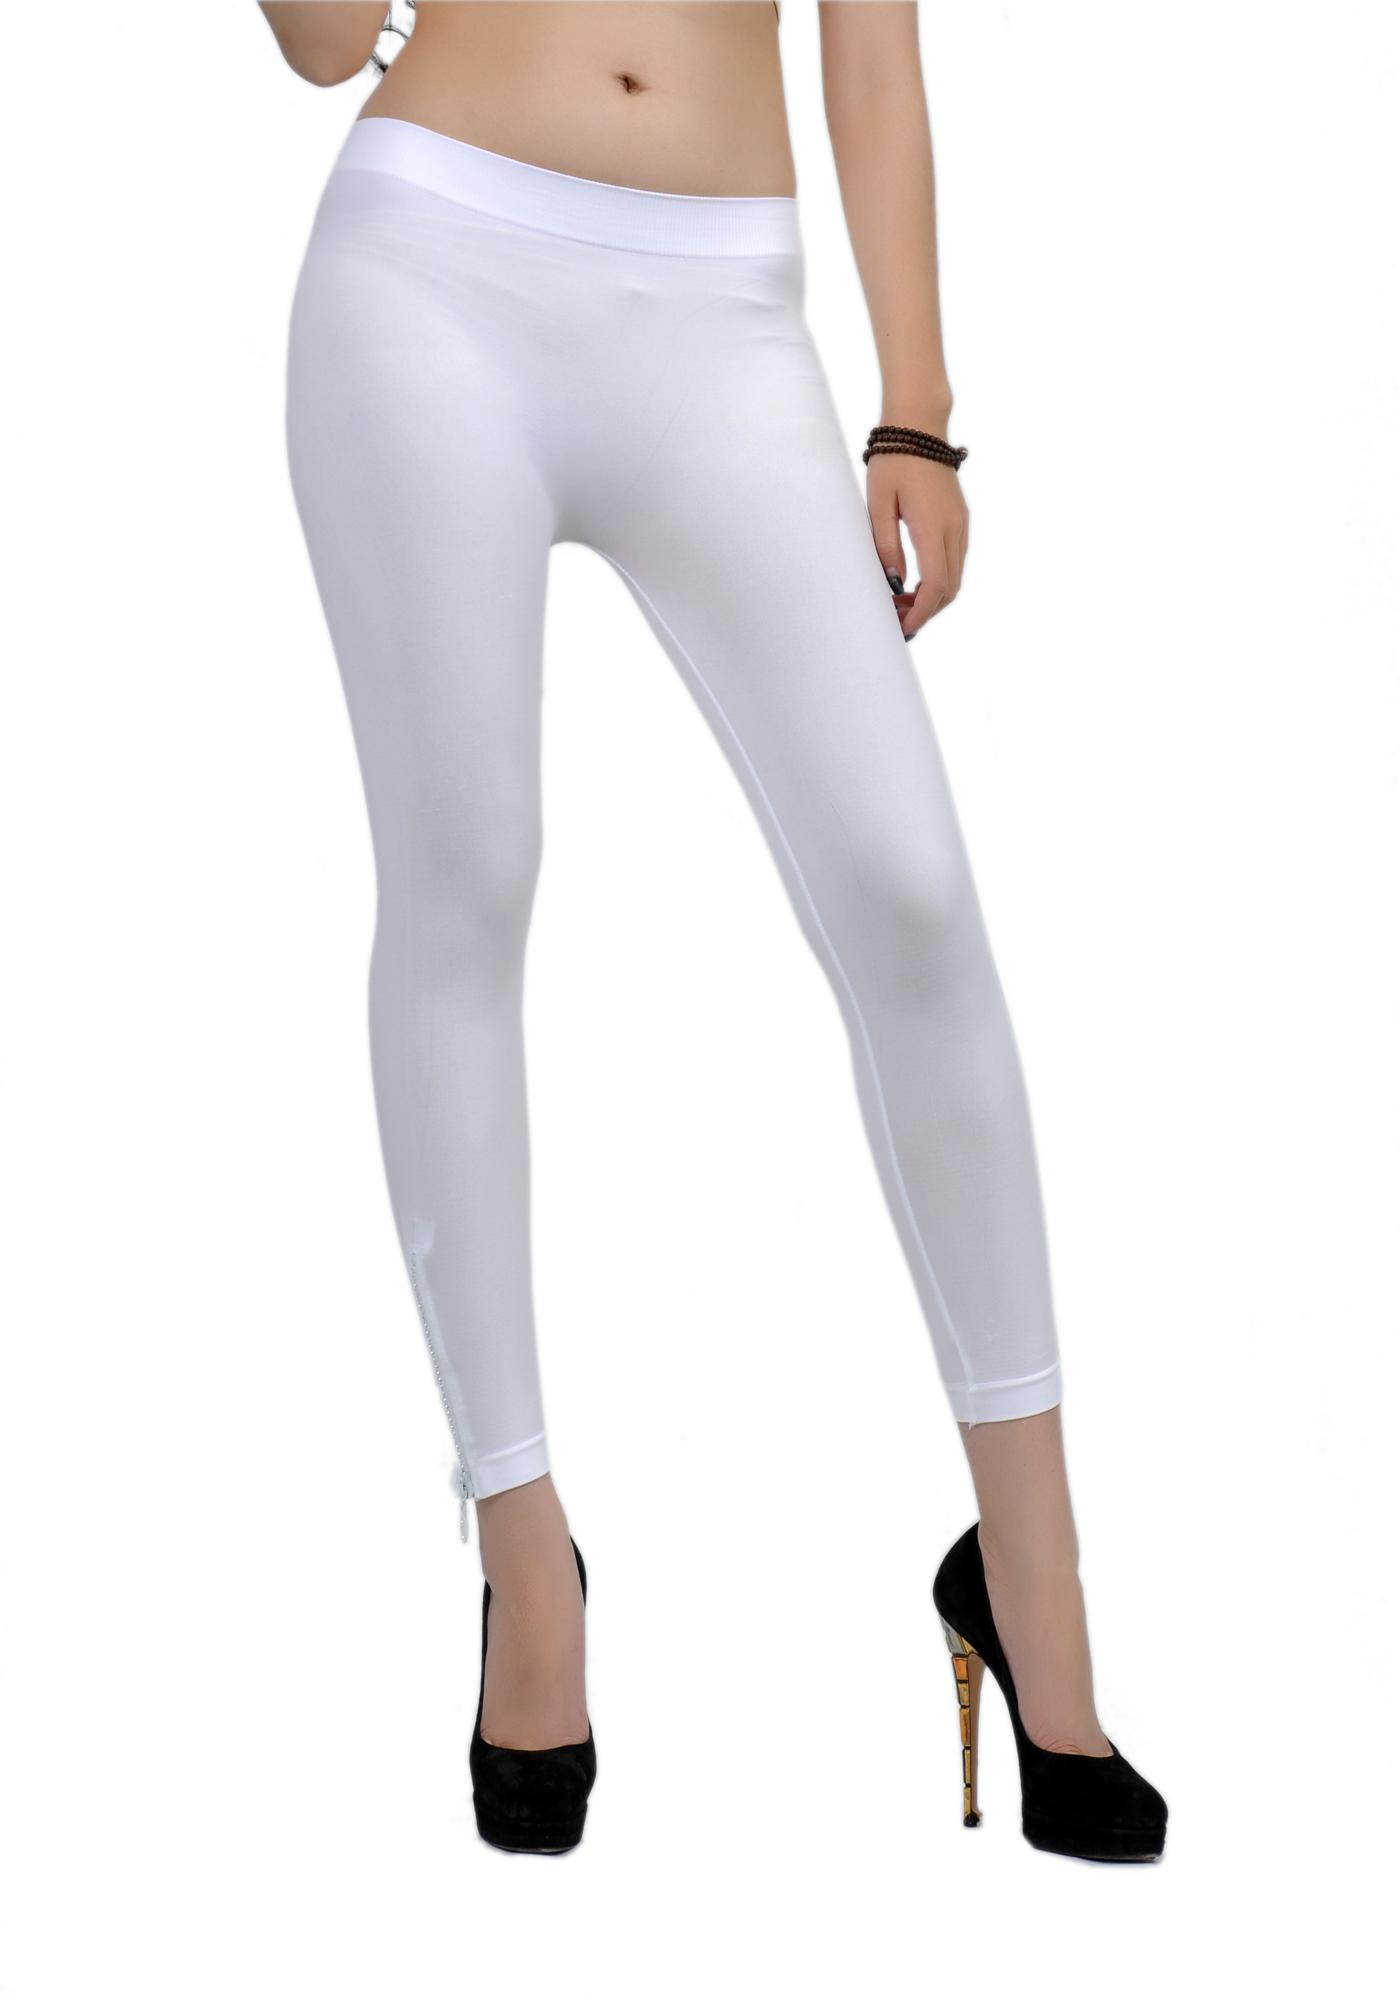 Soho Girls Junior's Capri Length Side-Zip Leggings - One Size at Sears.com